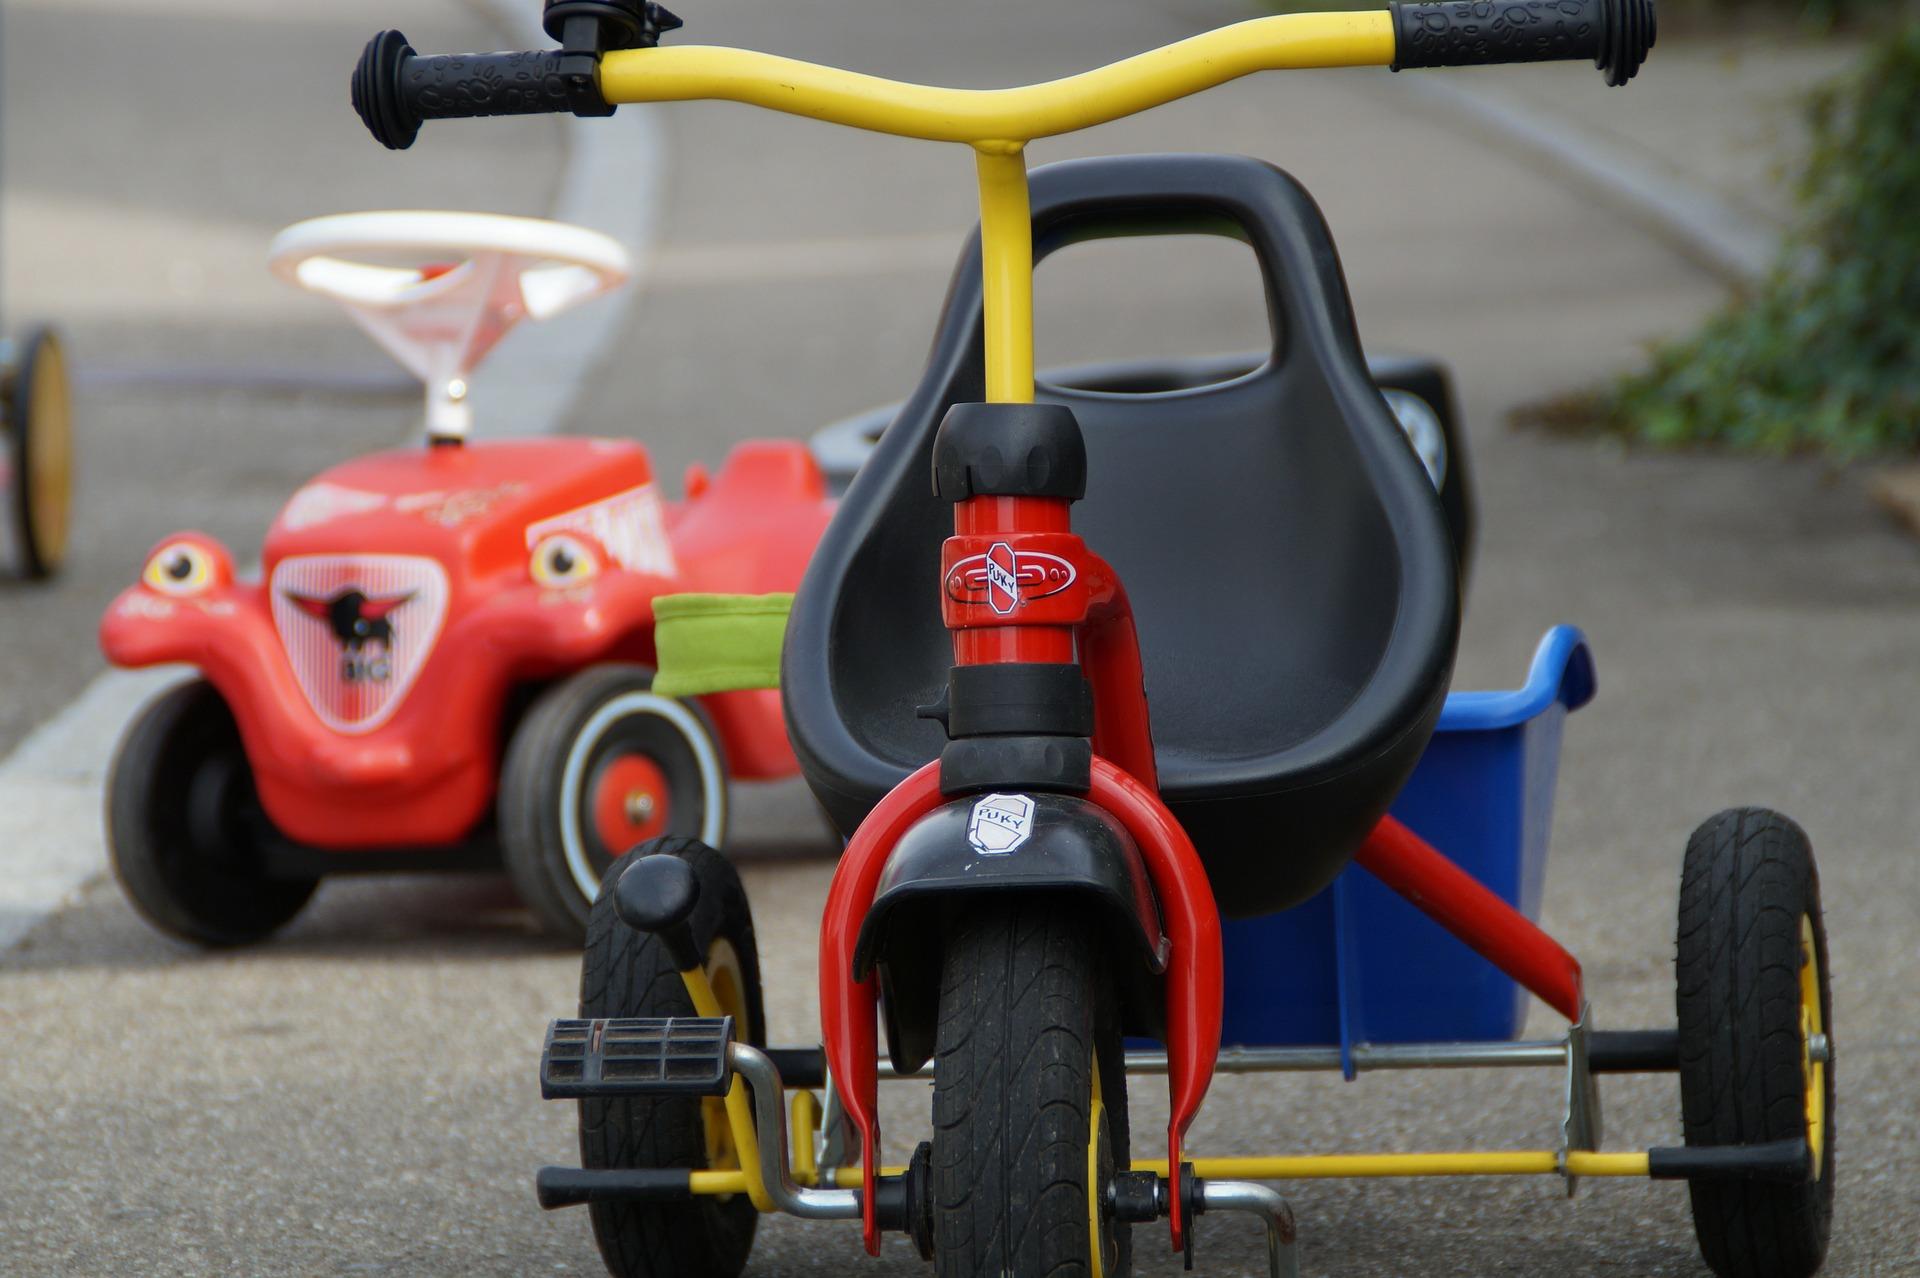 Conseils pour choisir un vélo évolutif pour enfant